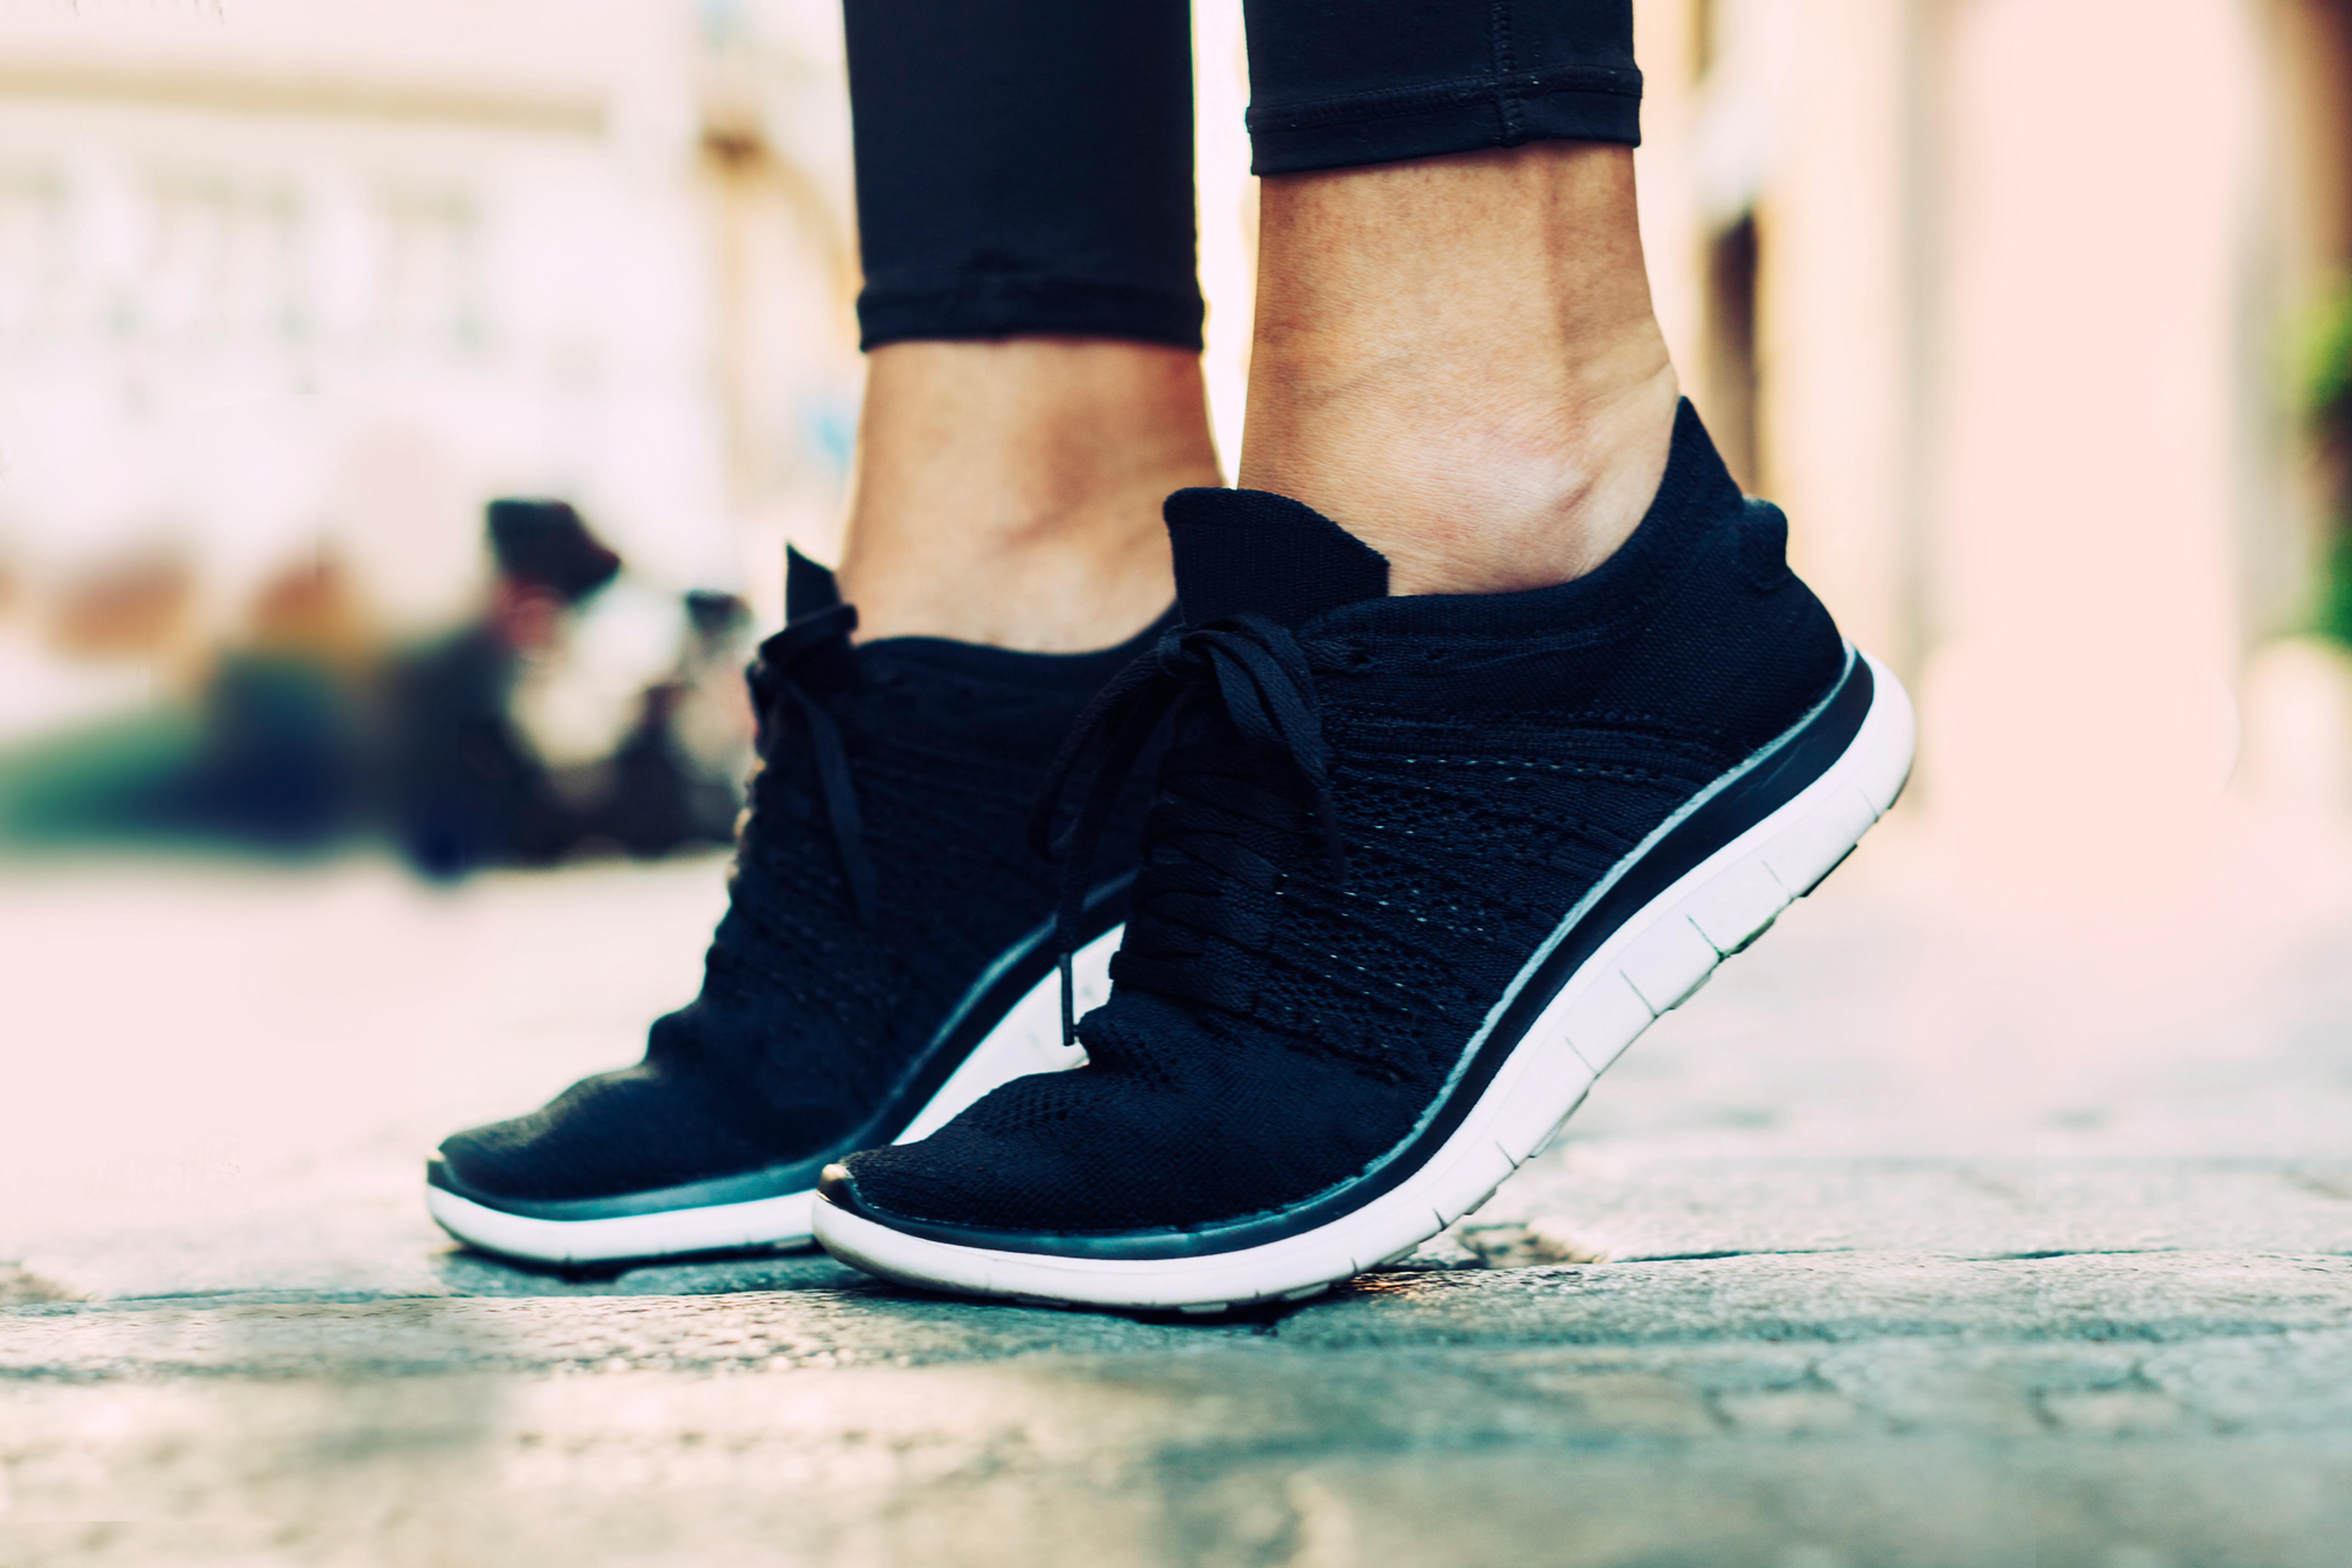 Footwear/Orthotic Precription